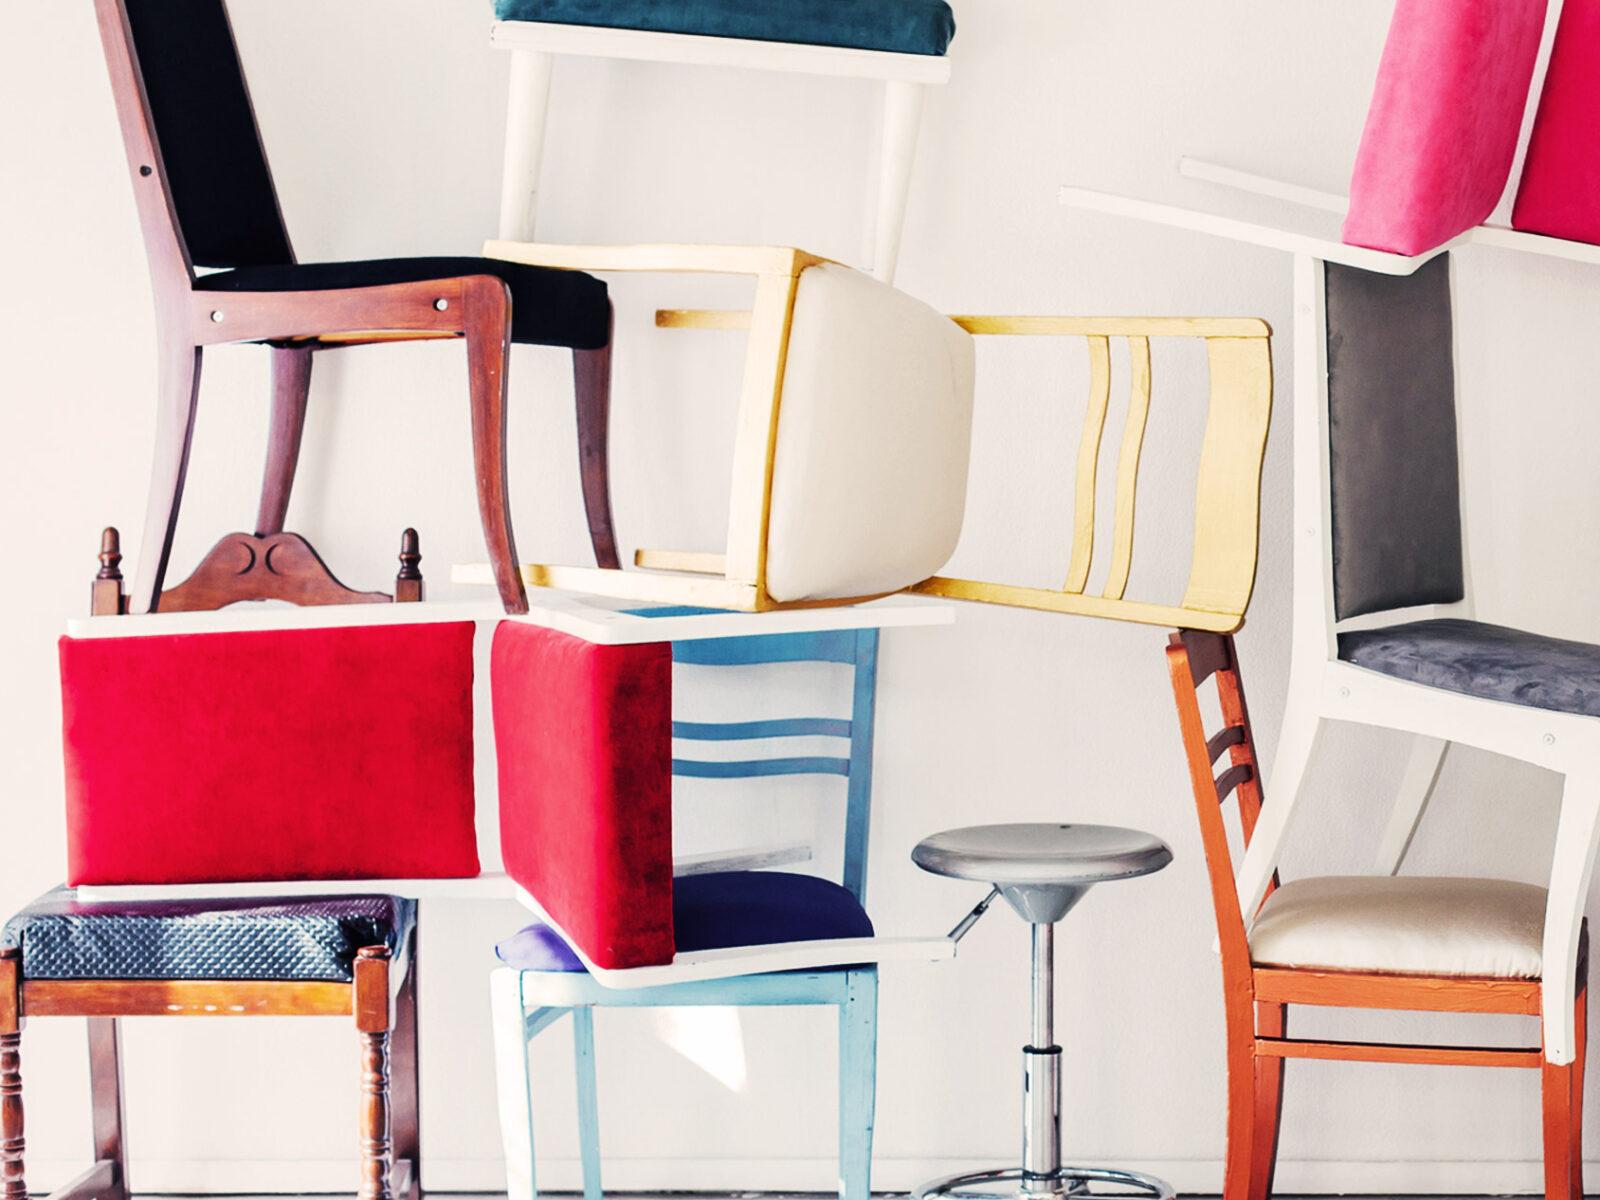 skolstolen, stol, skolövning, design, designuppgift